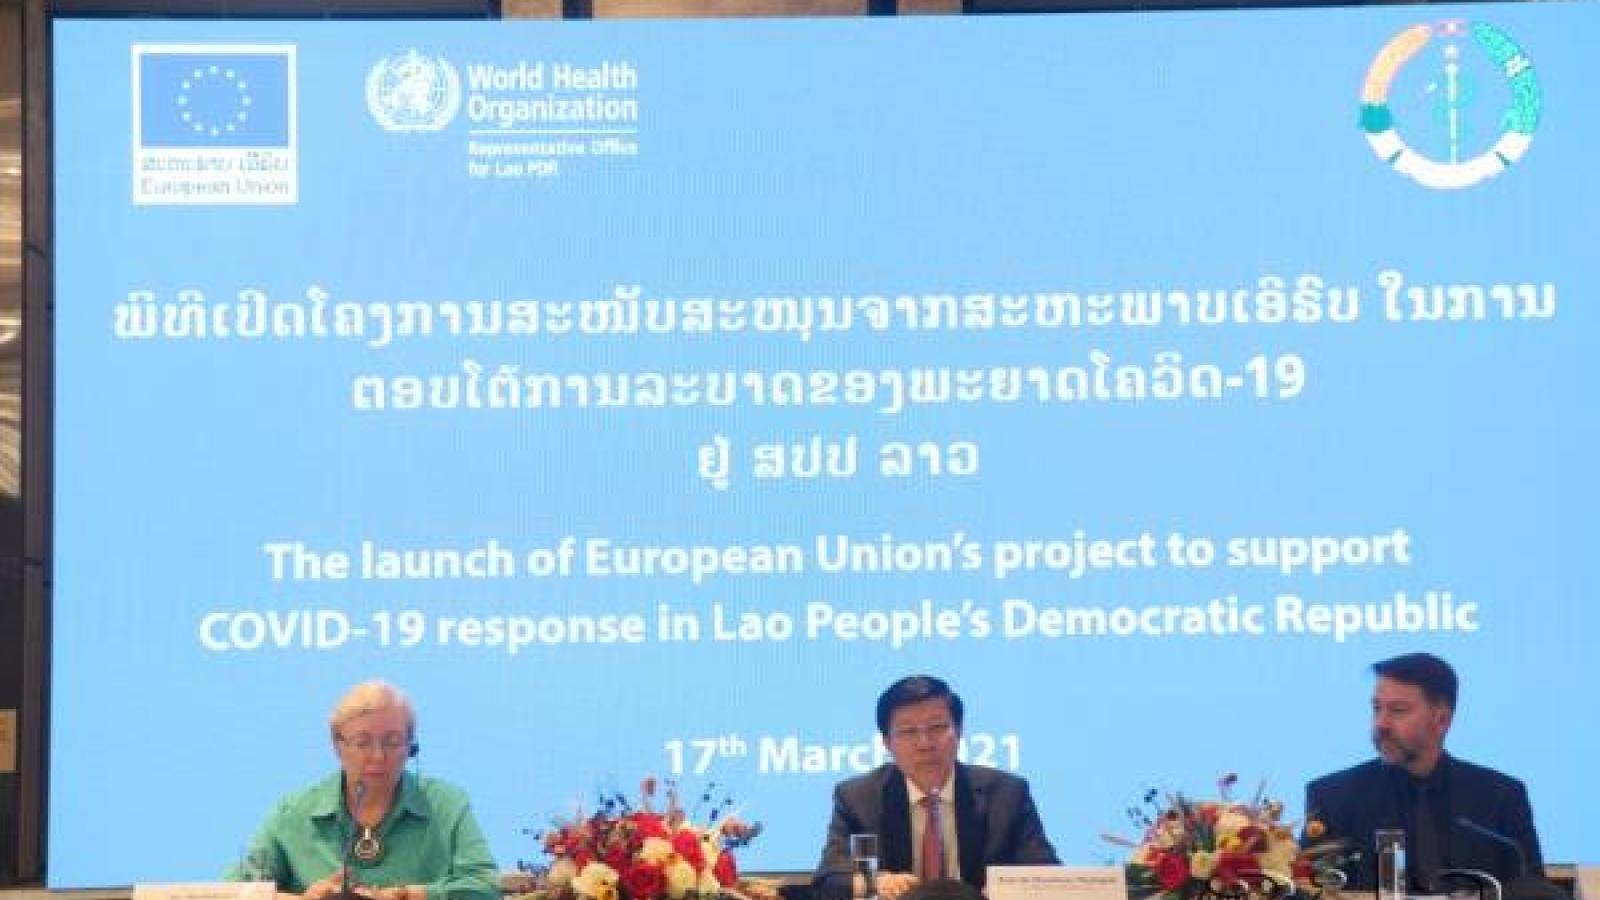 EU viện trợ Lào 2,8 triệu Euro đối phó Covid-19